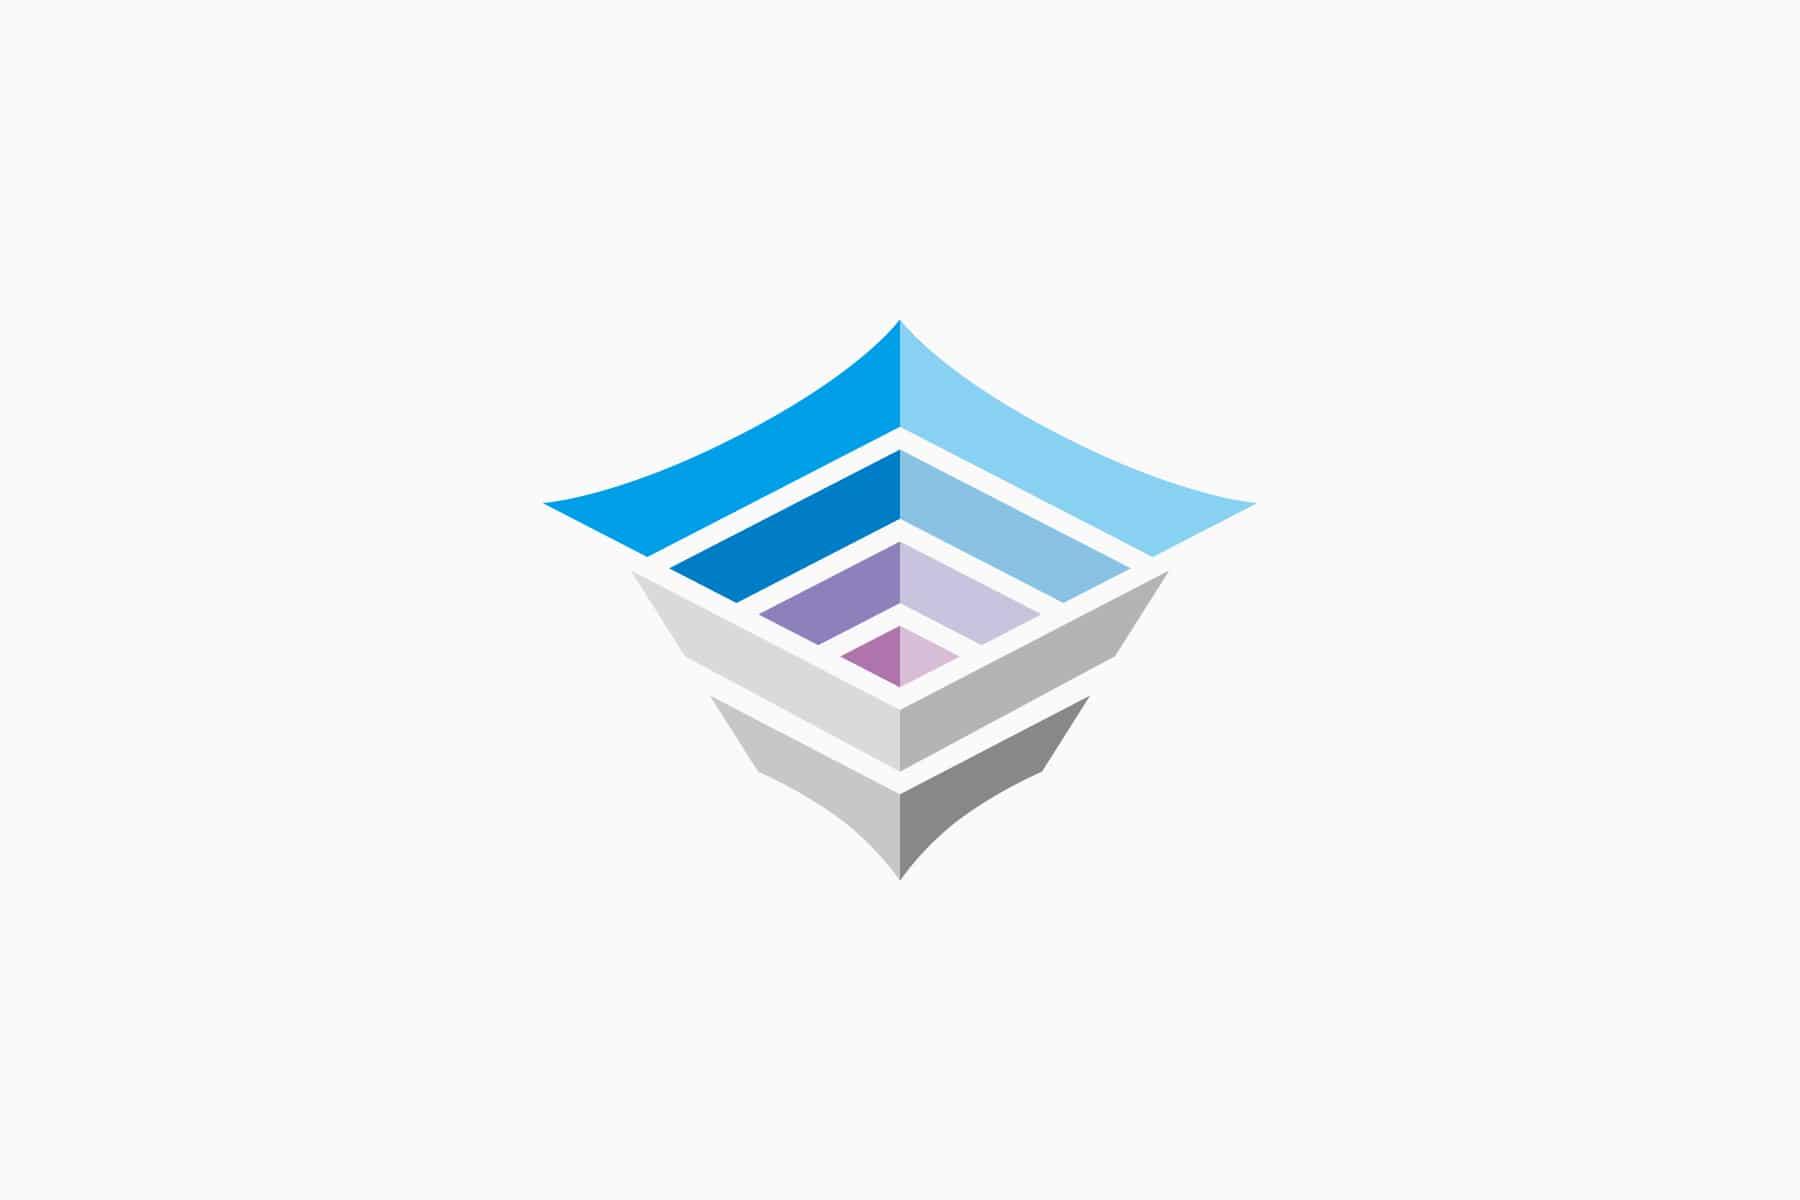 発達障害プロサポート支援機関認証ロゴデザイン